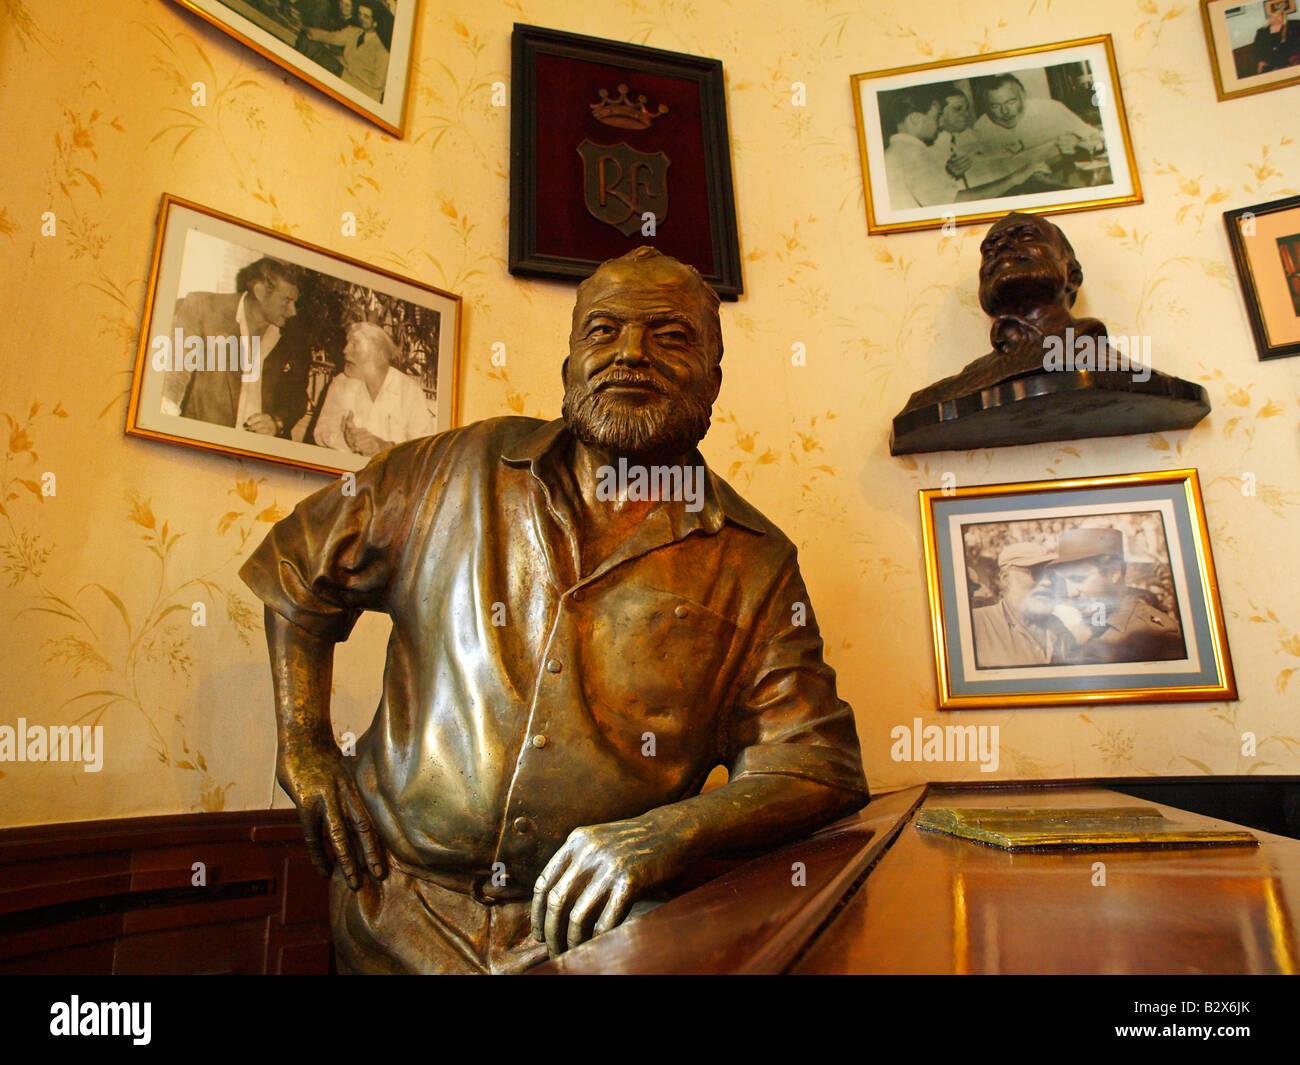 Hemingway Caribbean: Ernest Hemingway Cuba Stock Photos & Ernest Hemingway Cuba